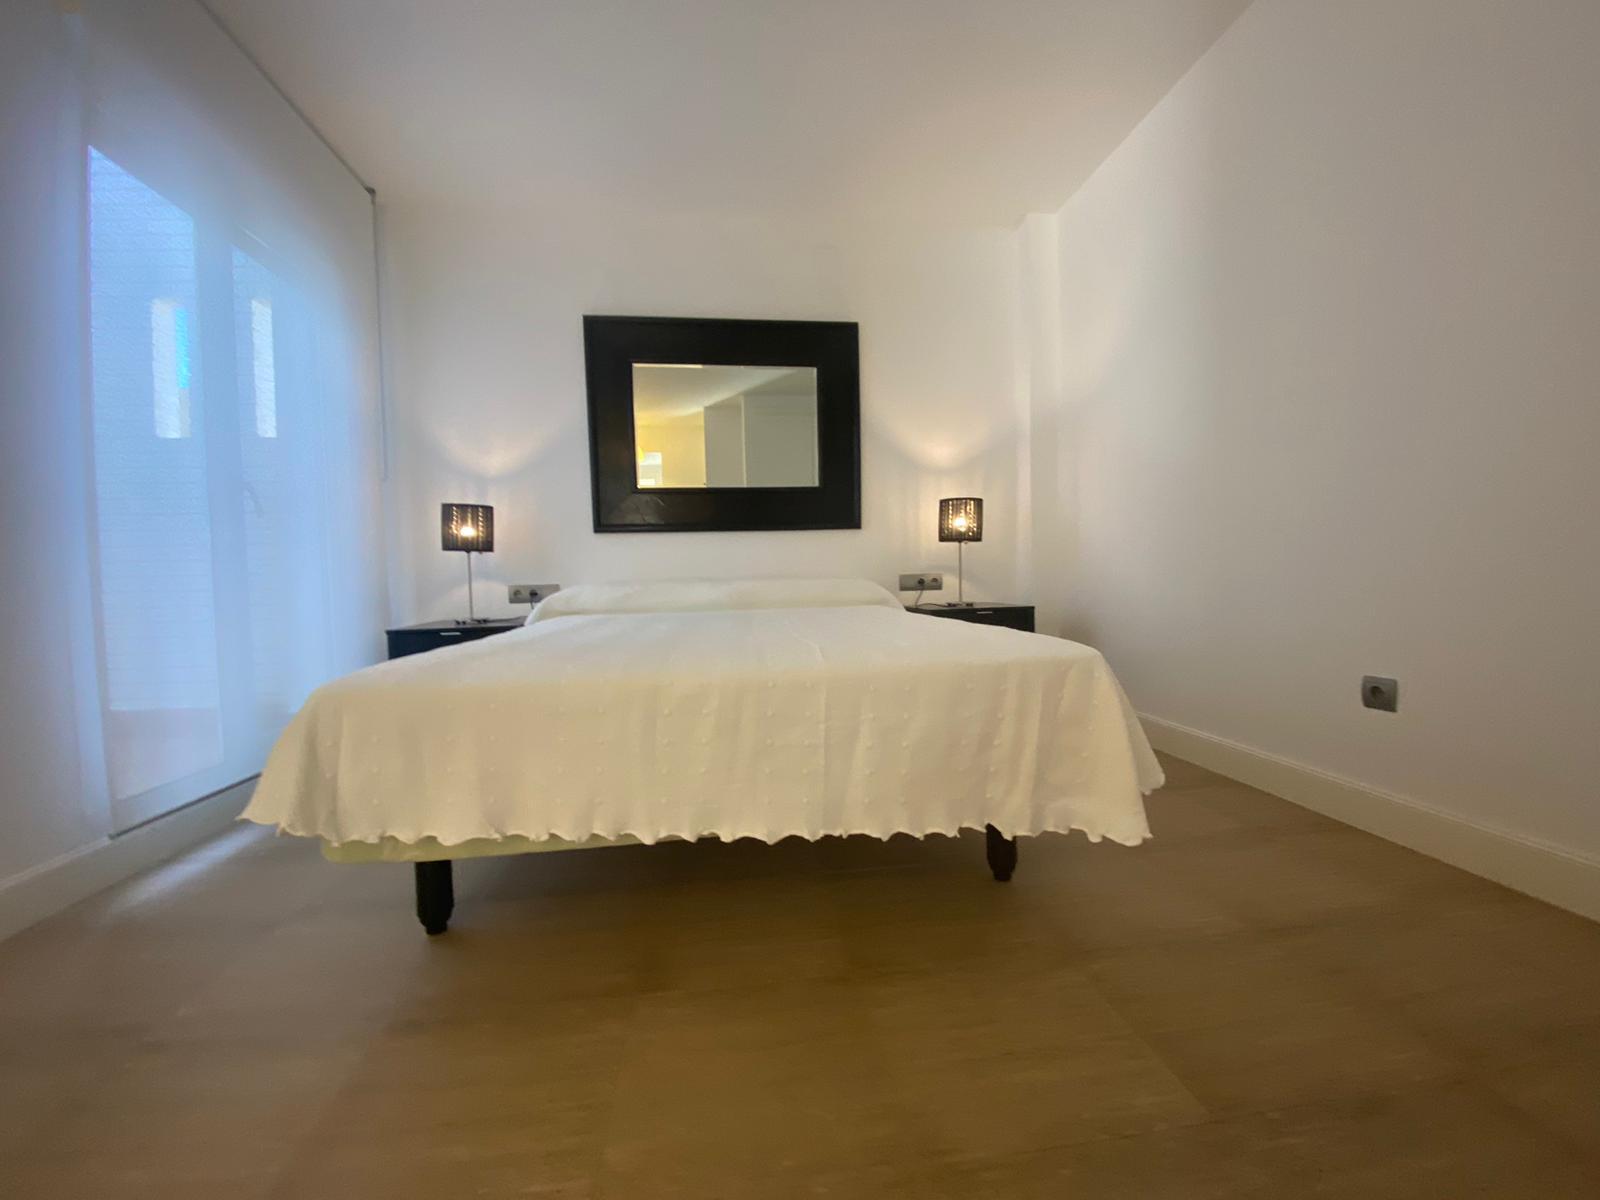 Imagen 5 del Apartamento Turístico, Ático 1 Levante (3d+2b), Punta del Moral (HUELVA), Paseo de la Cruz nº22